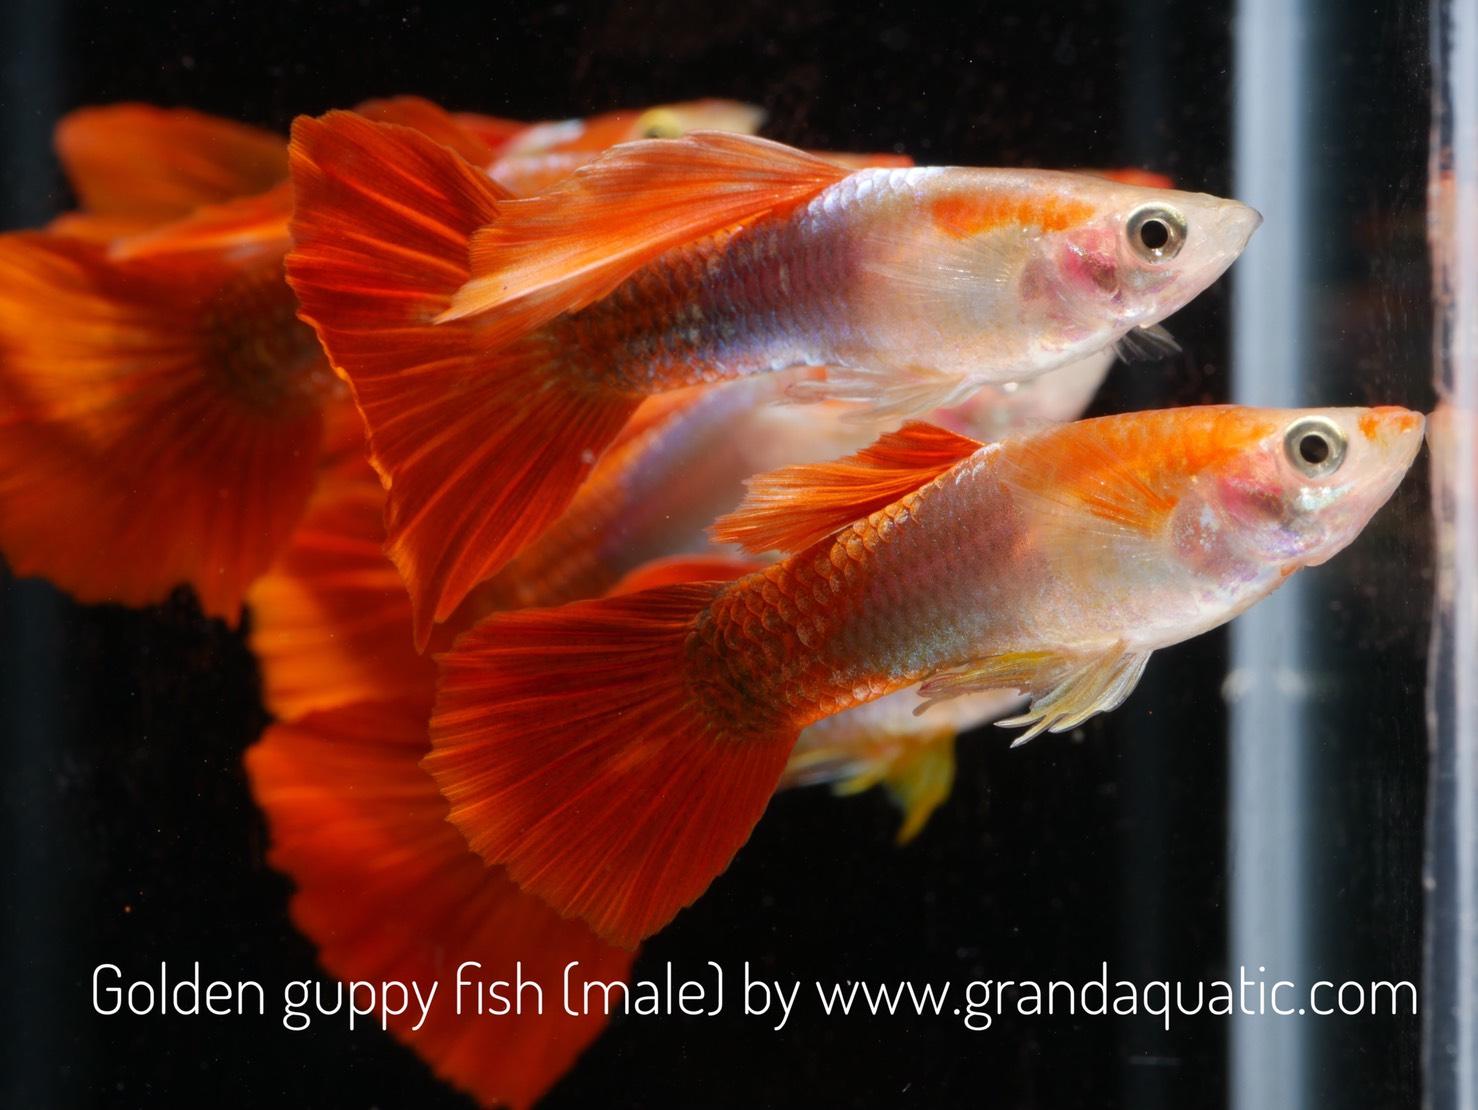 Aquarium Fish List | Ornamental fish export : Al-Aquarium.com